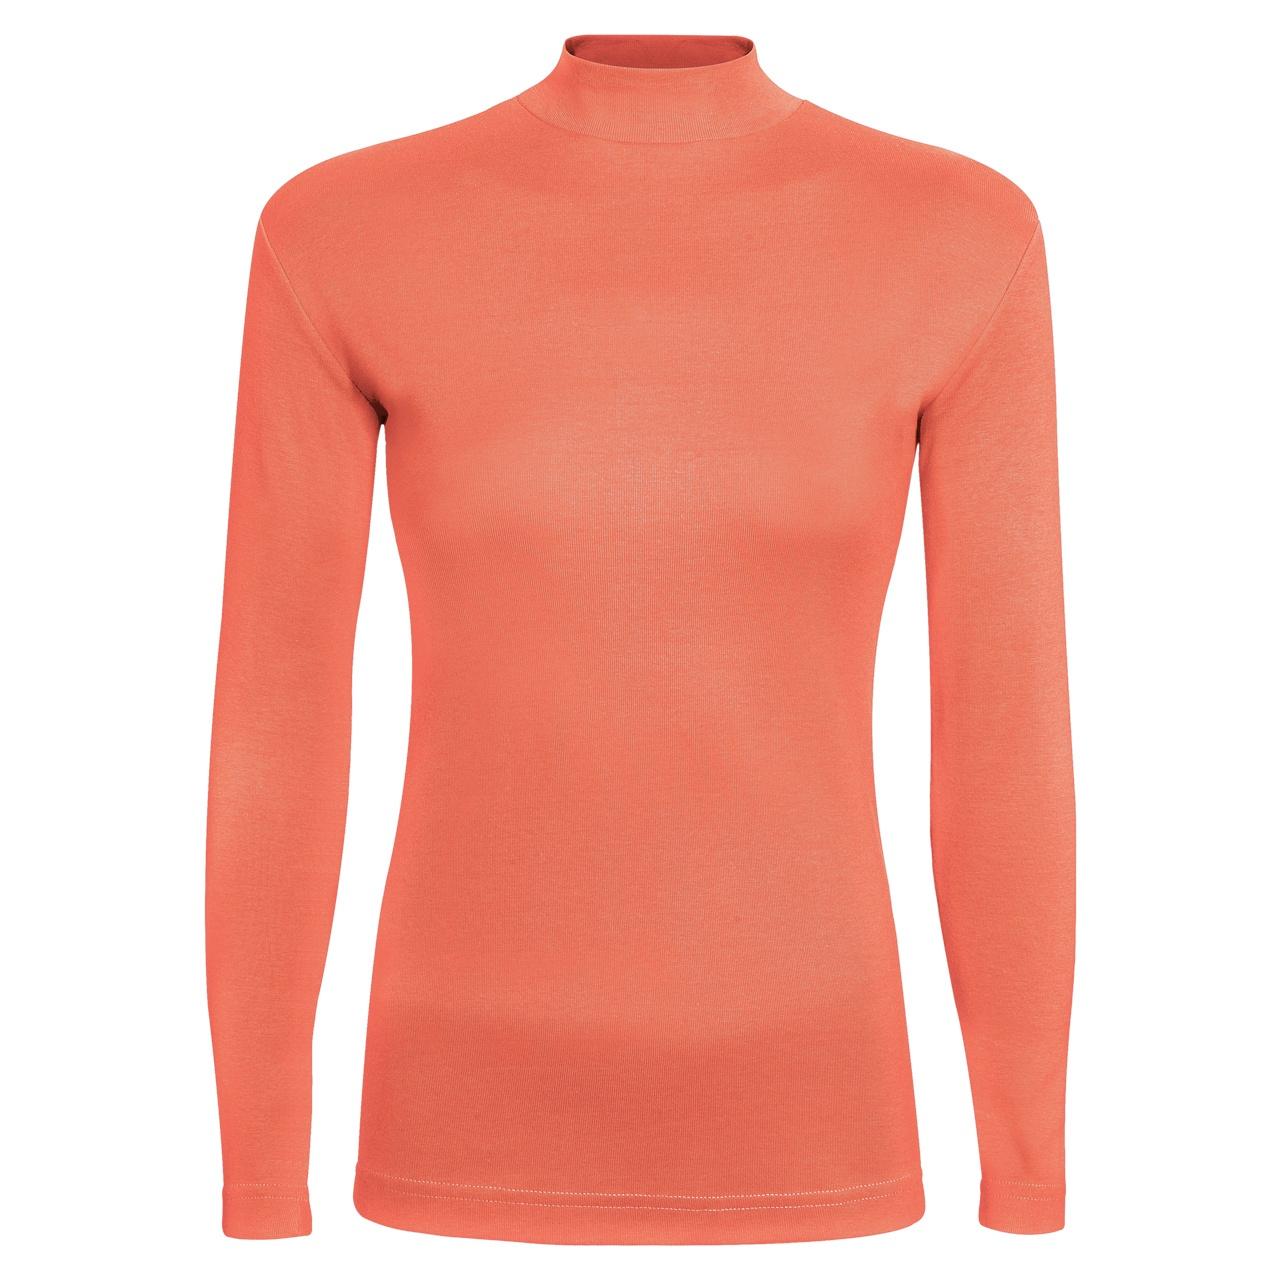 تی شرت آستین بلند نه ساروک مدل SZY5C15 رنگ نارنجی